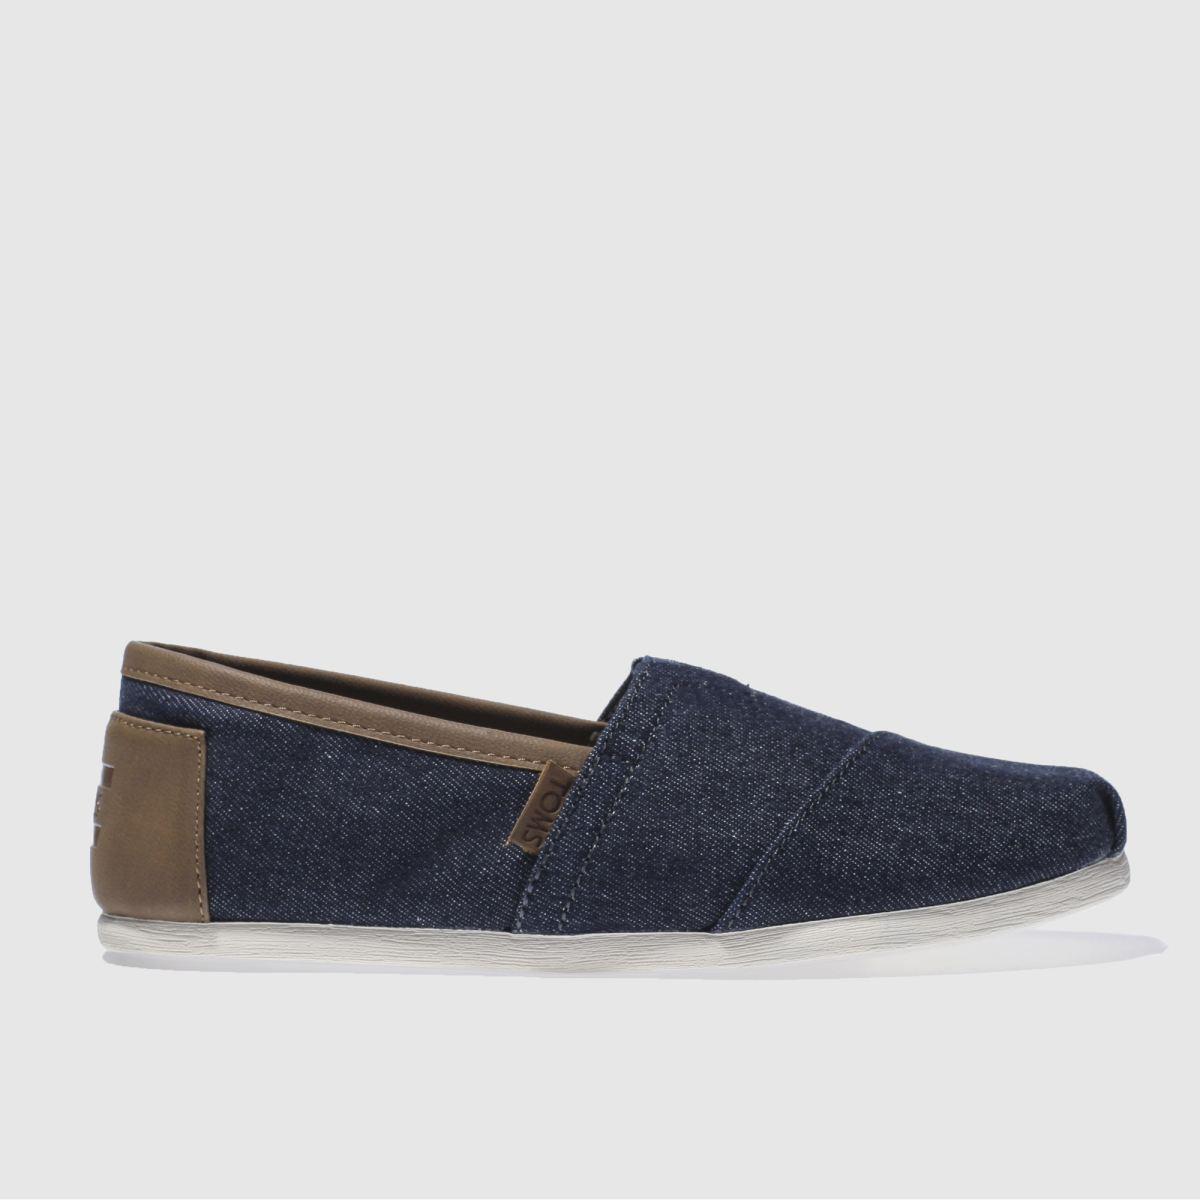 Toms Navy & Brown Alpargata Trim Shoes